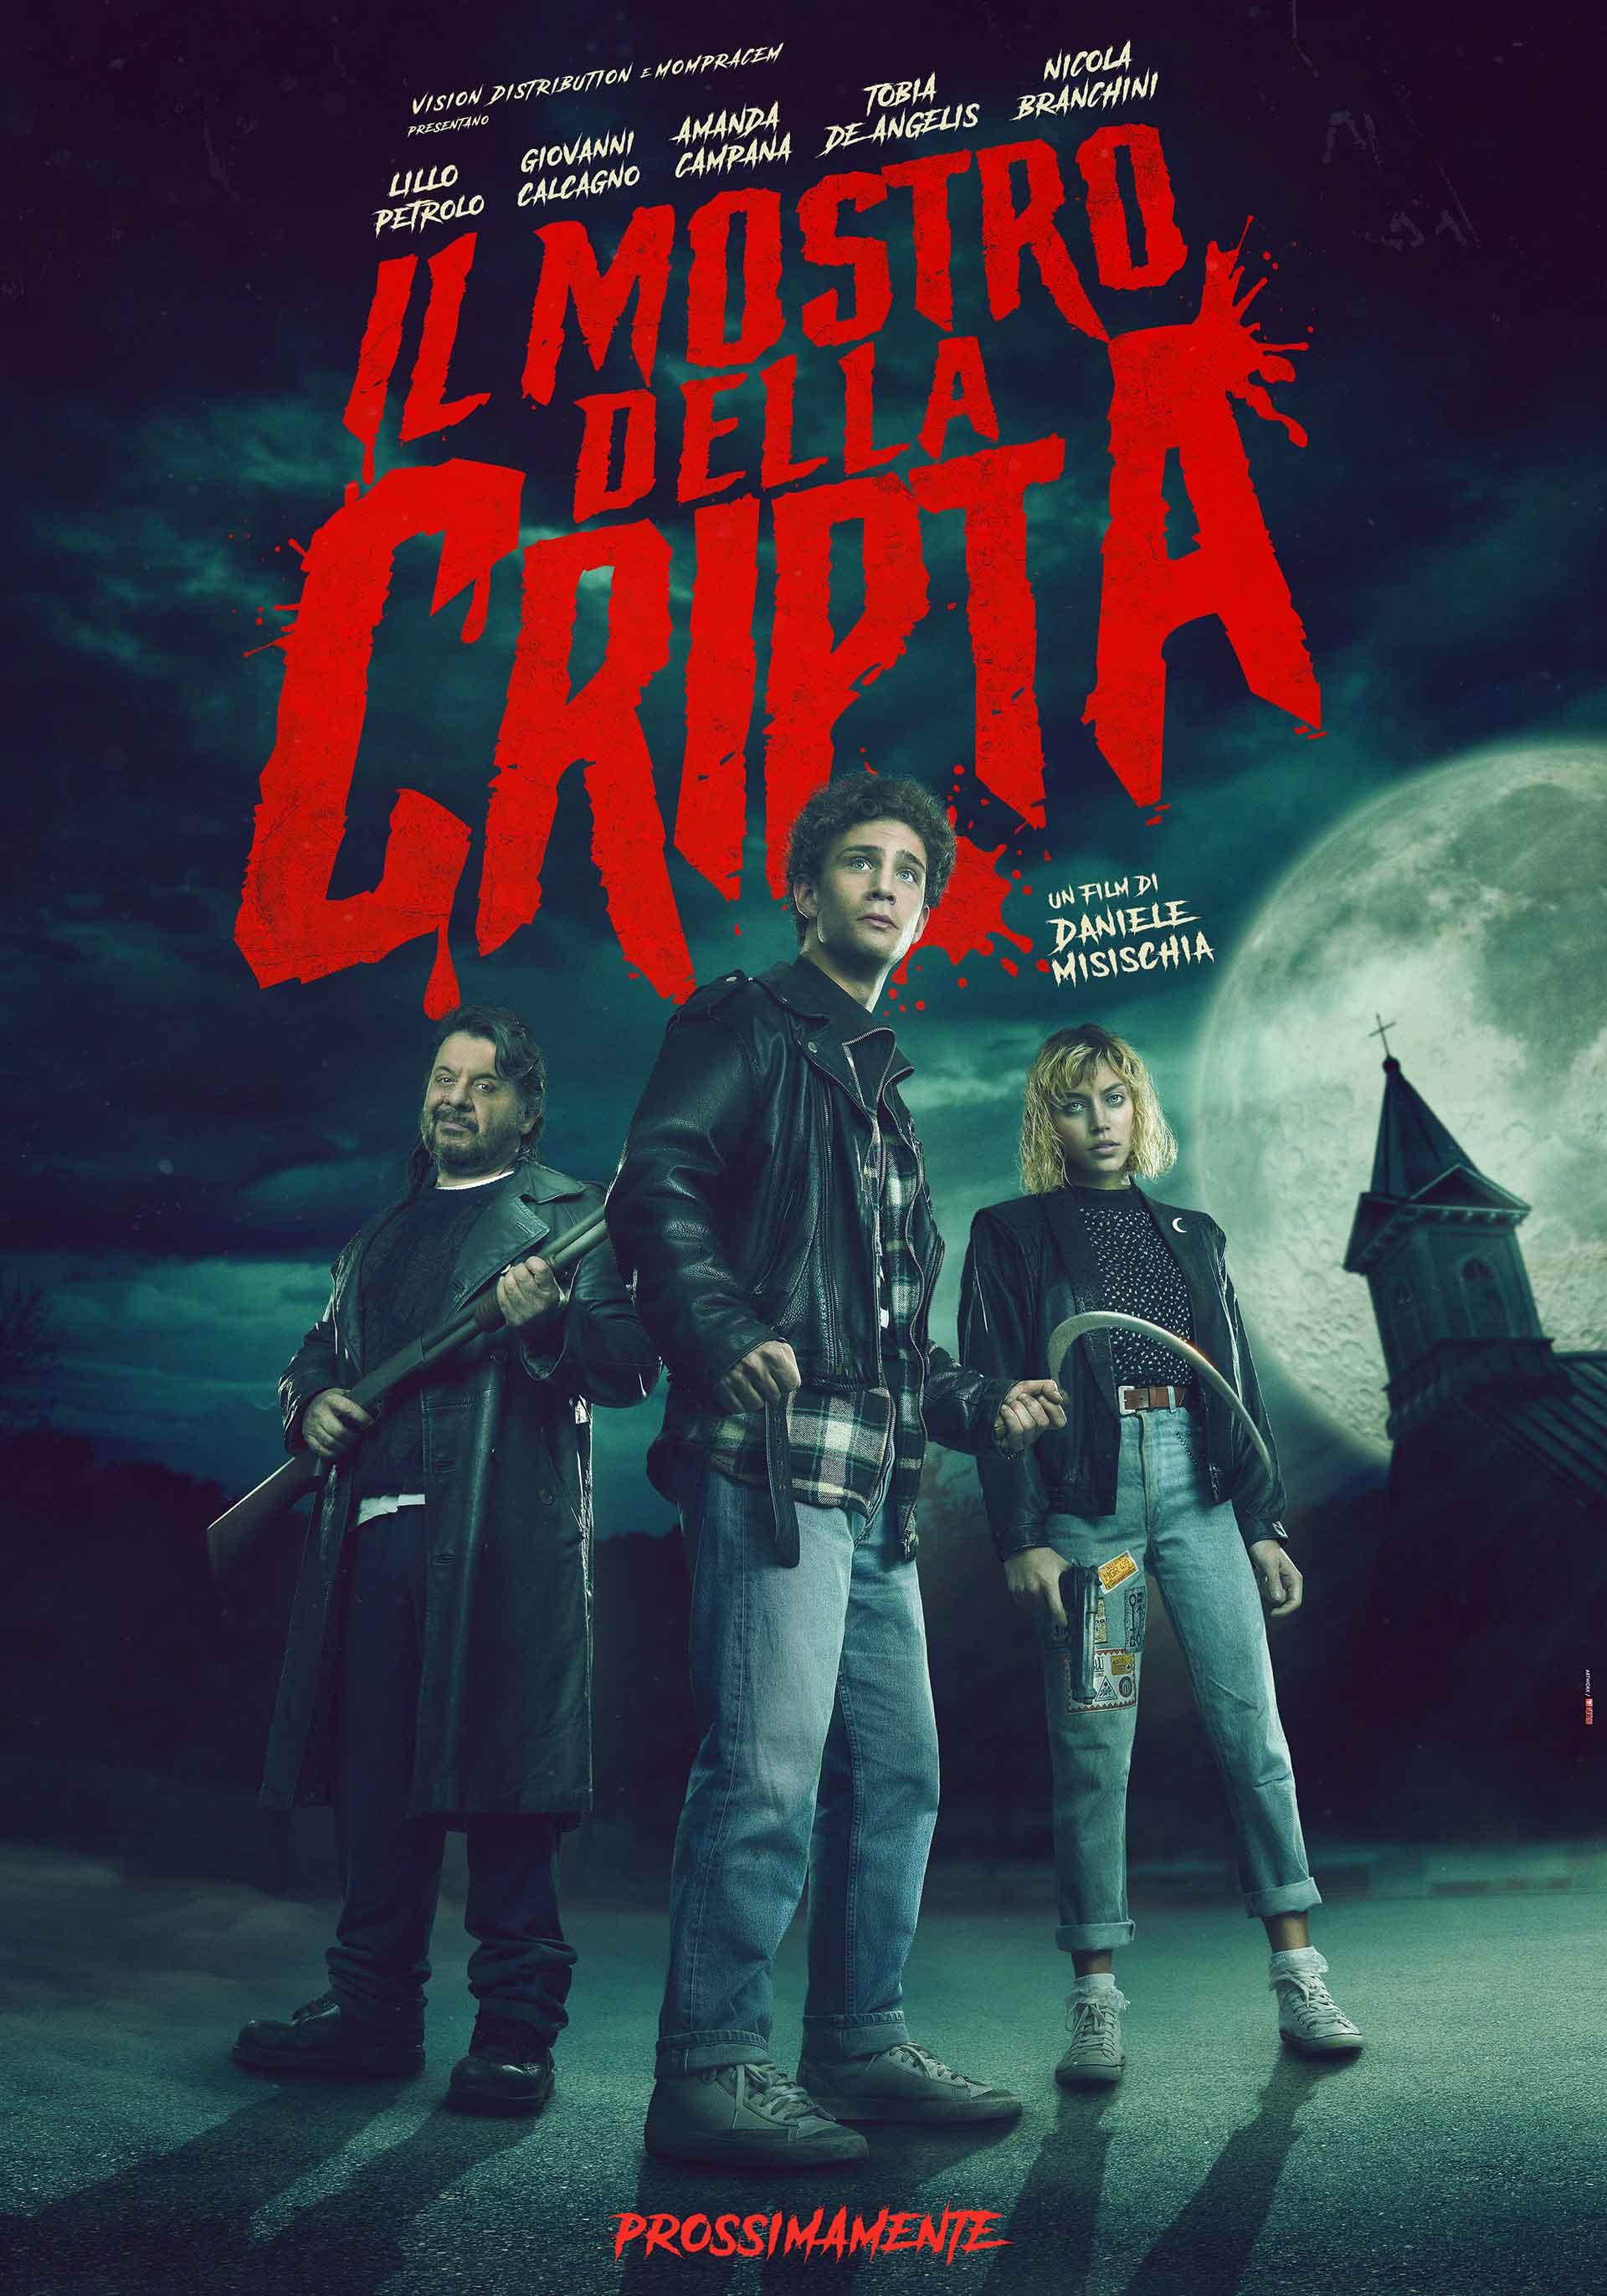 Il mostro della cripta: il poster